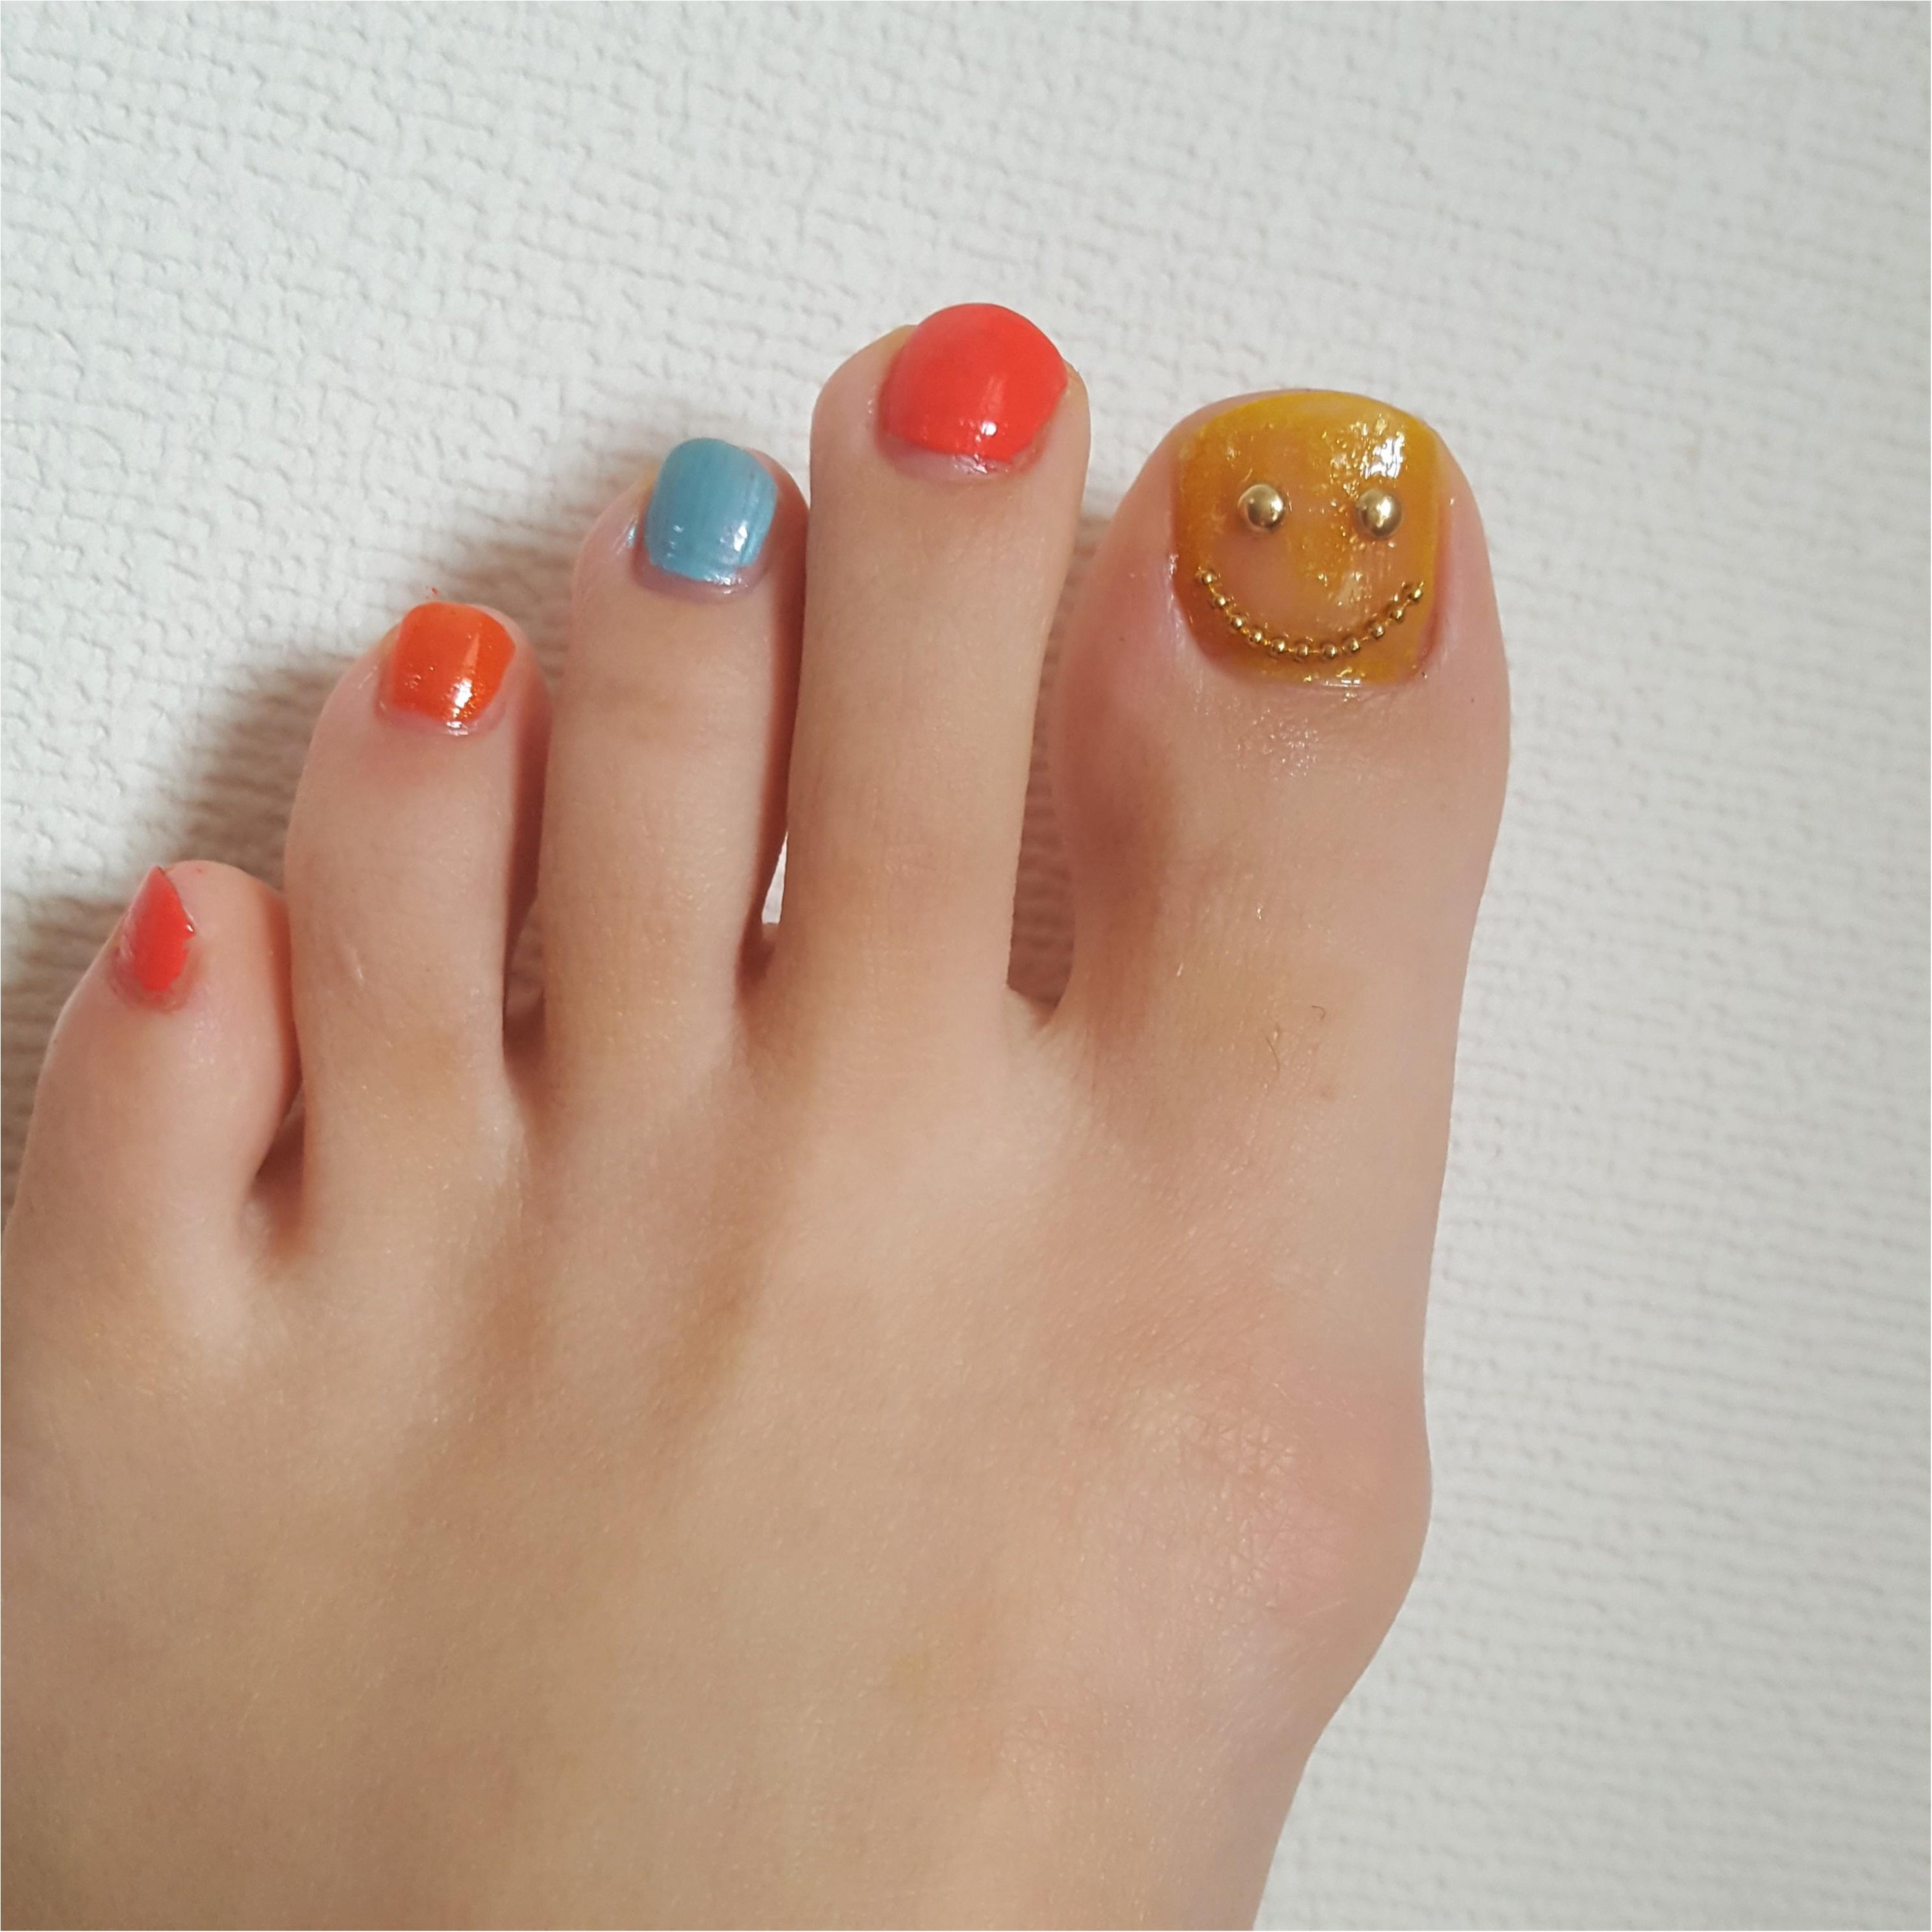 ウキウキGW☆ 足元は初夏の陽気~休日ネイル~_4